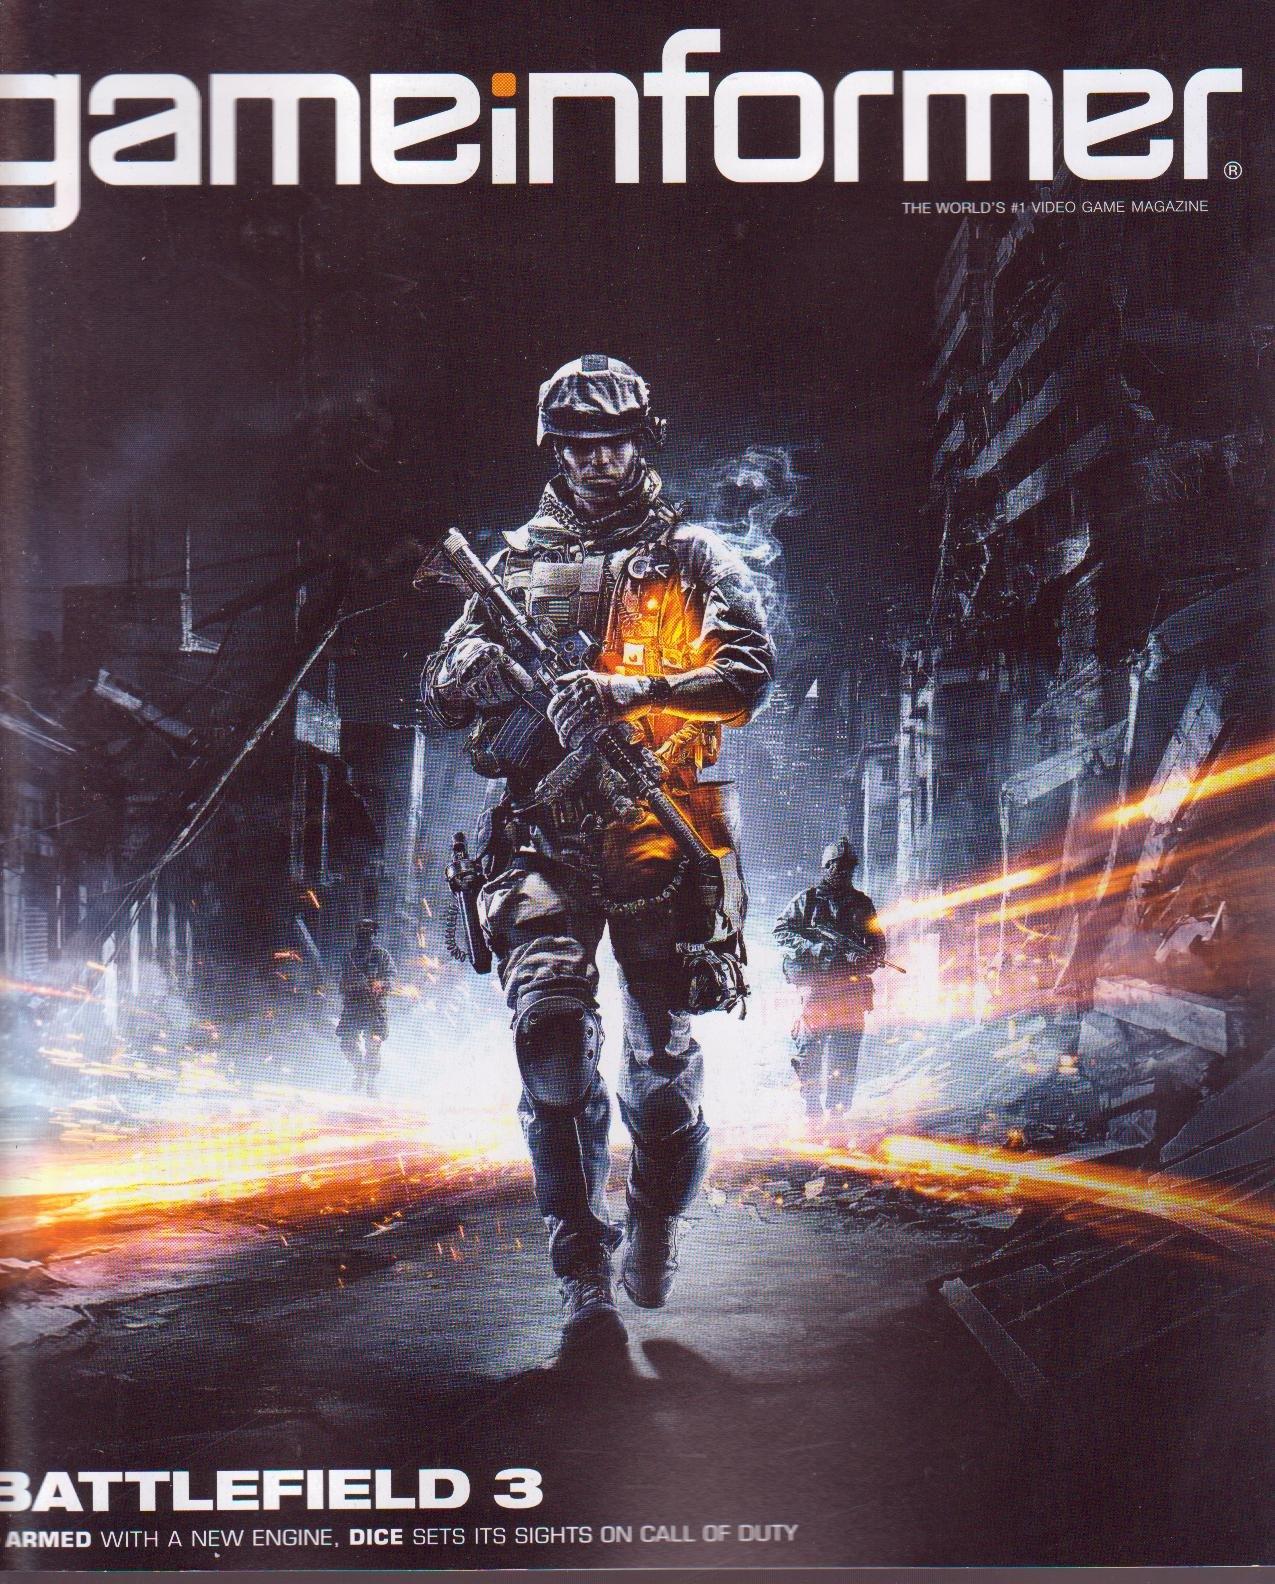 Game Informer Magazine 215 5 11 Battlefield 3 Amazon